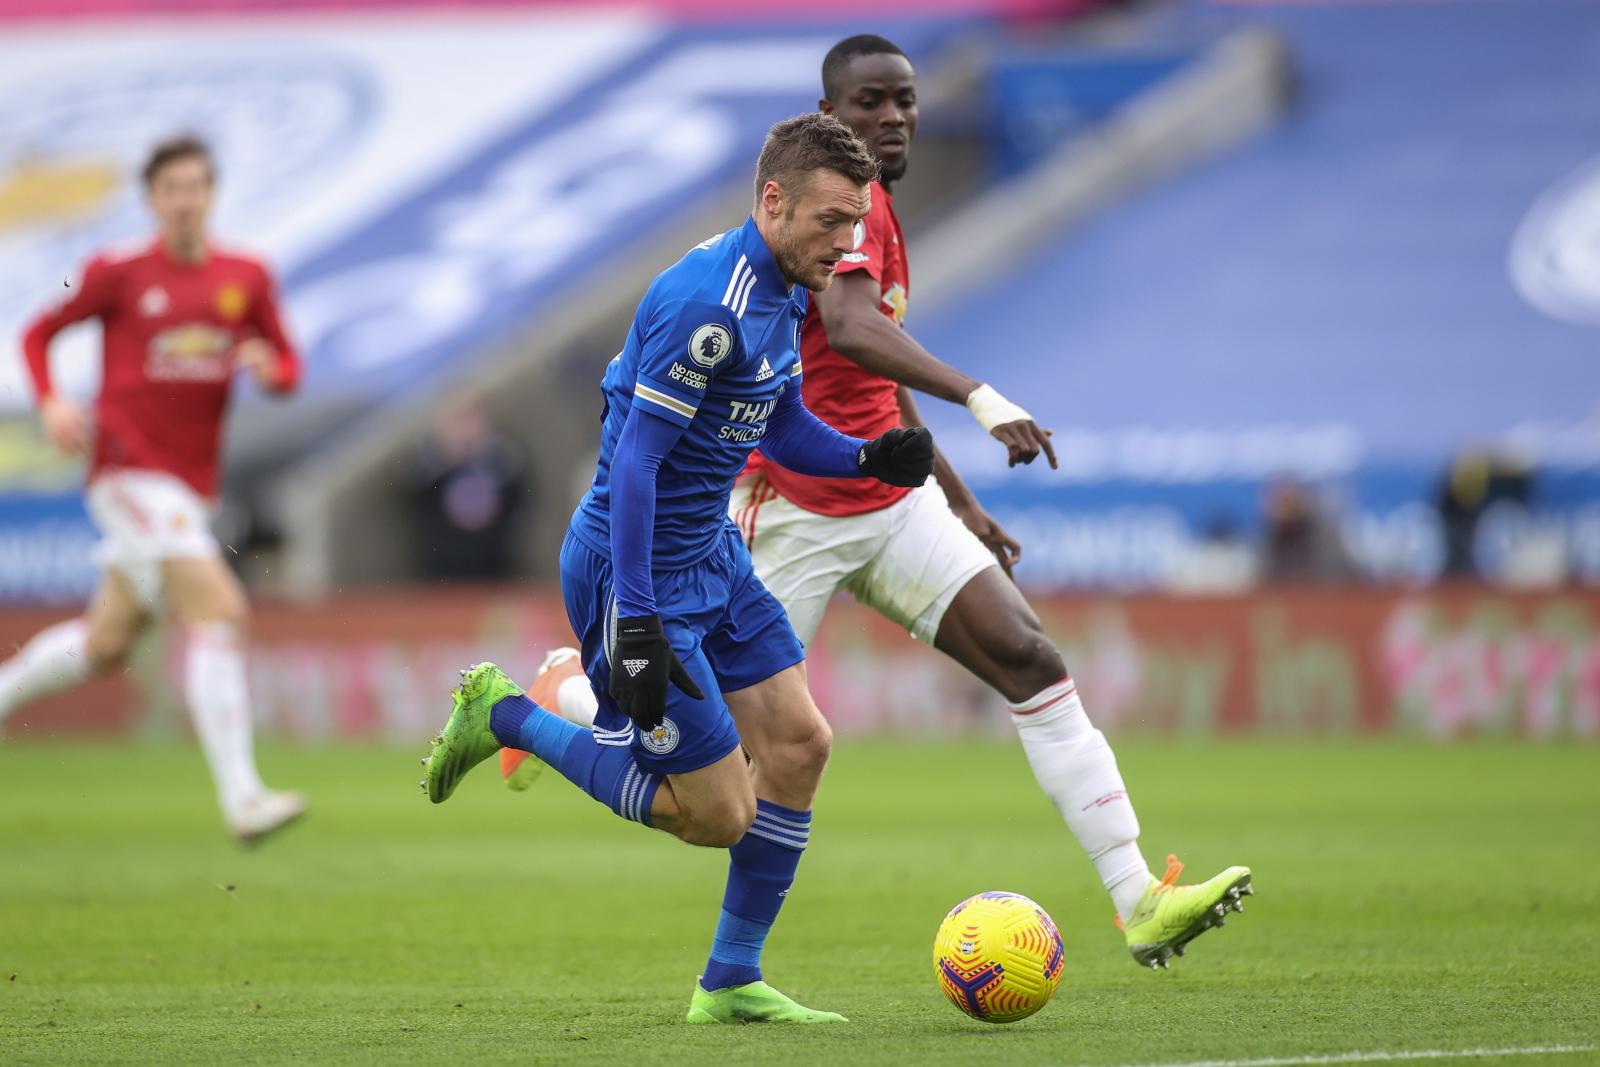 Premier League: wymiana ciosów na podium. Leicester City dopadło Manchester United - Sport WP SportoweFakty